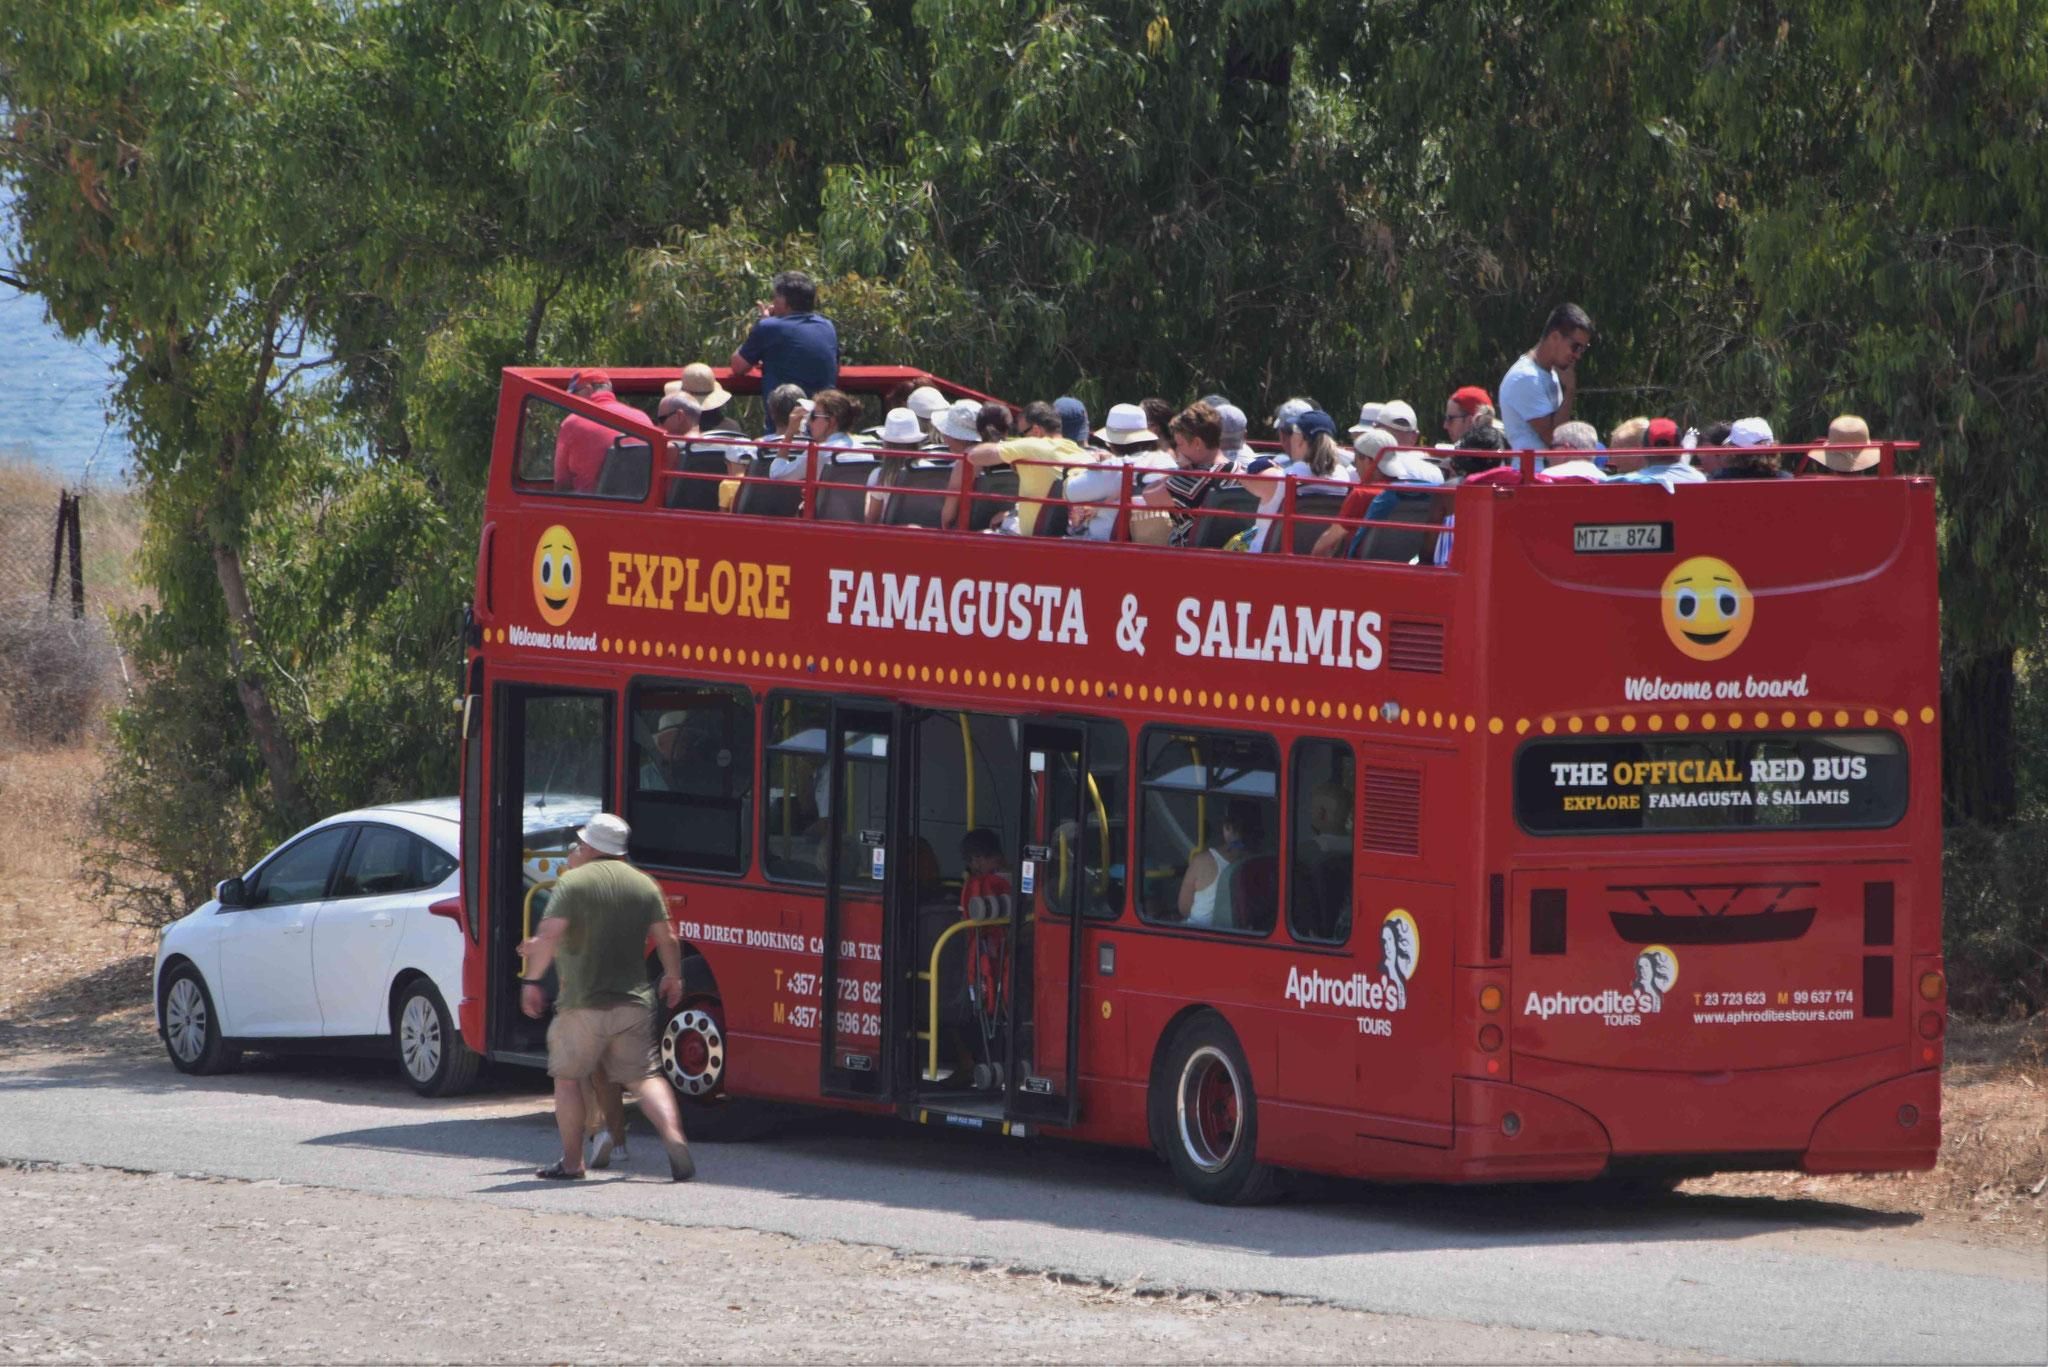 Touristenbus auf Sightseeing-tour